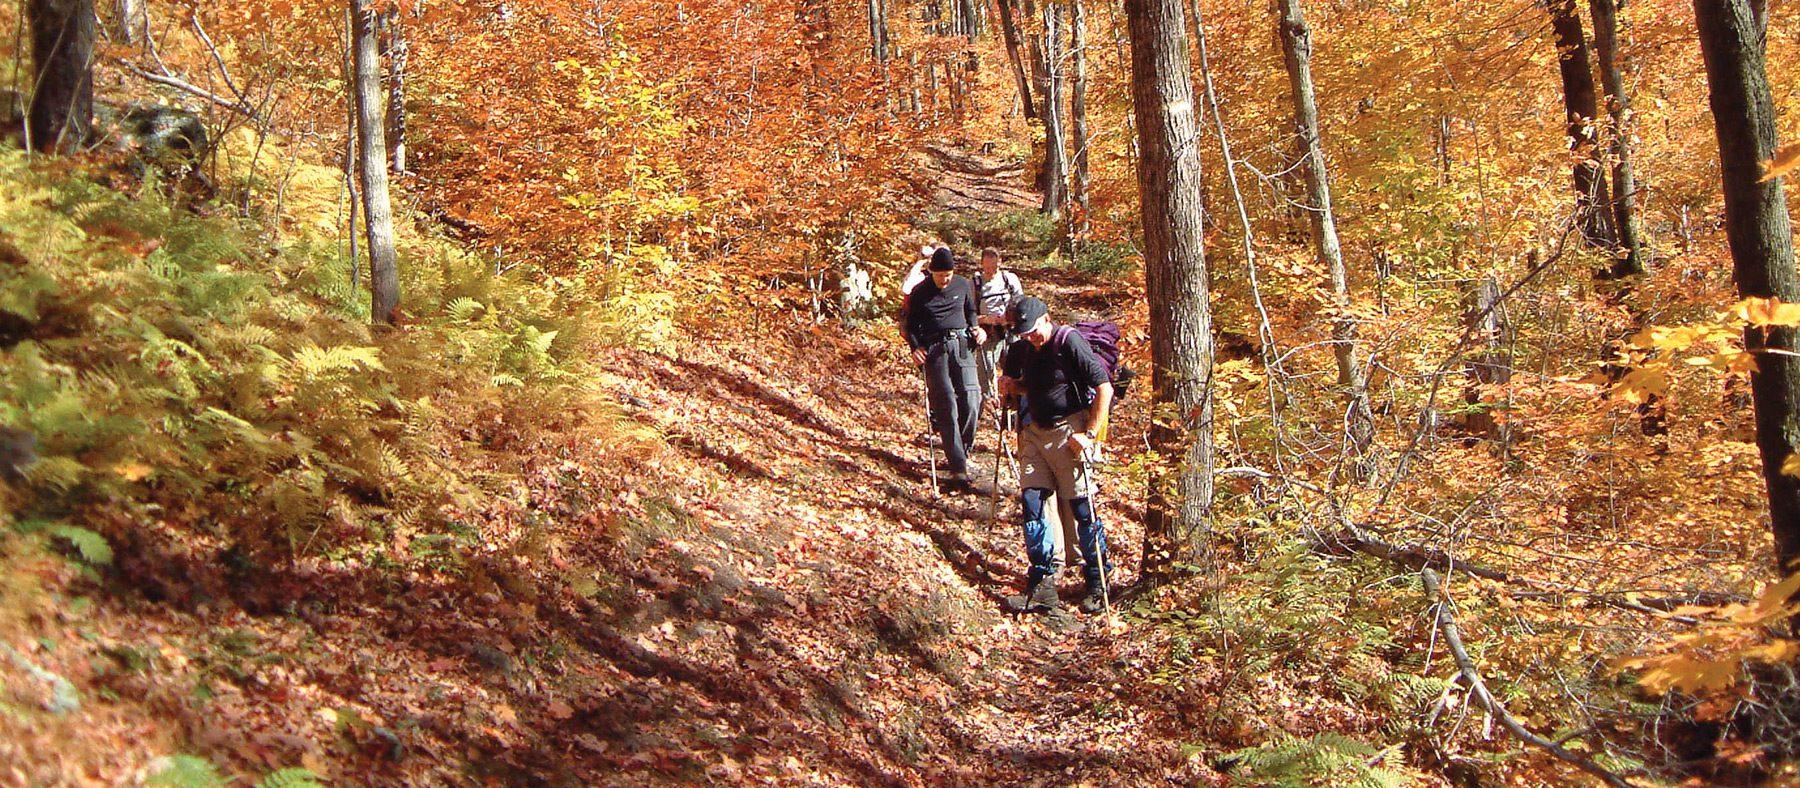 randonnees-en-automne-au-quebec-parc-environnement-naturel-sutton-cantons-de-lest-quebec-le-mag